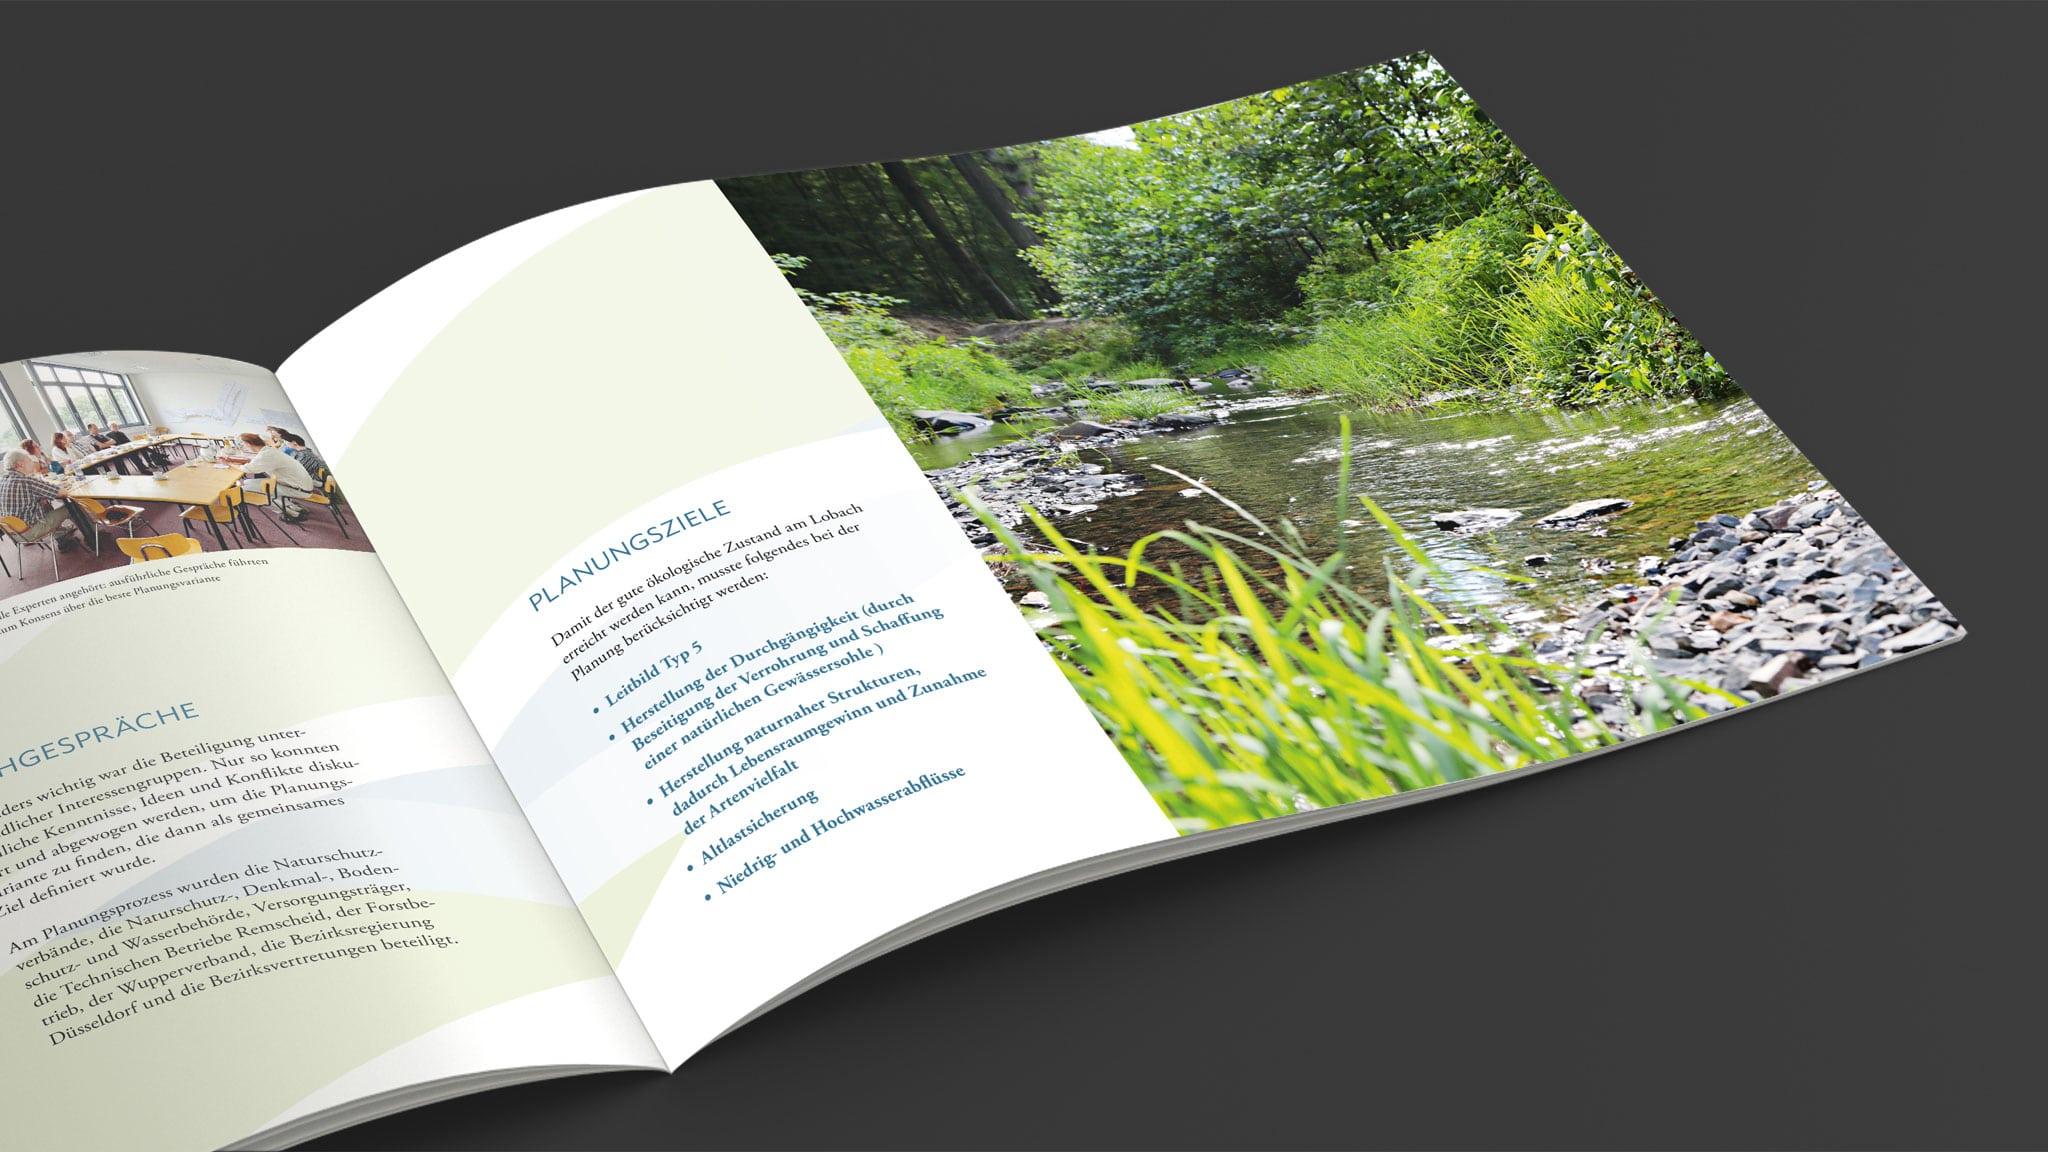 Broschüre für die Renaturierung des Lobachs